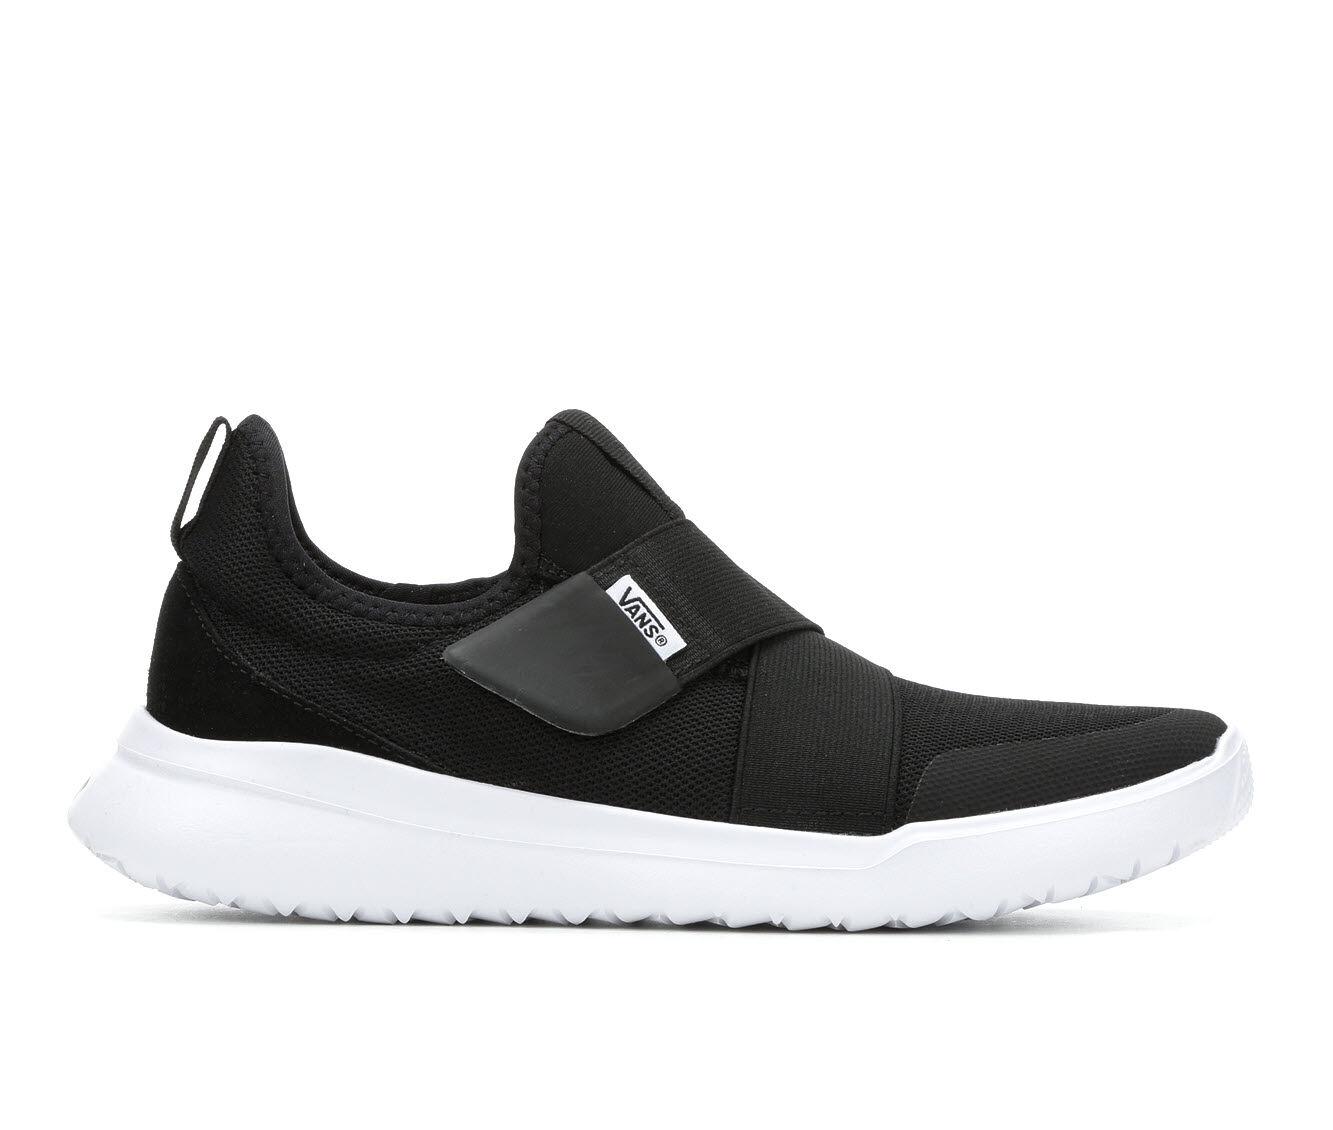 Vans Cerus RW Gore Sneakers | Shoe Carnival